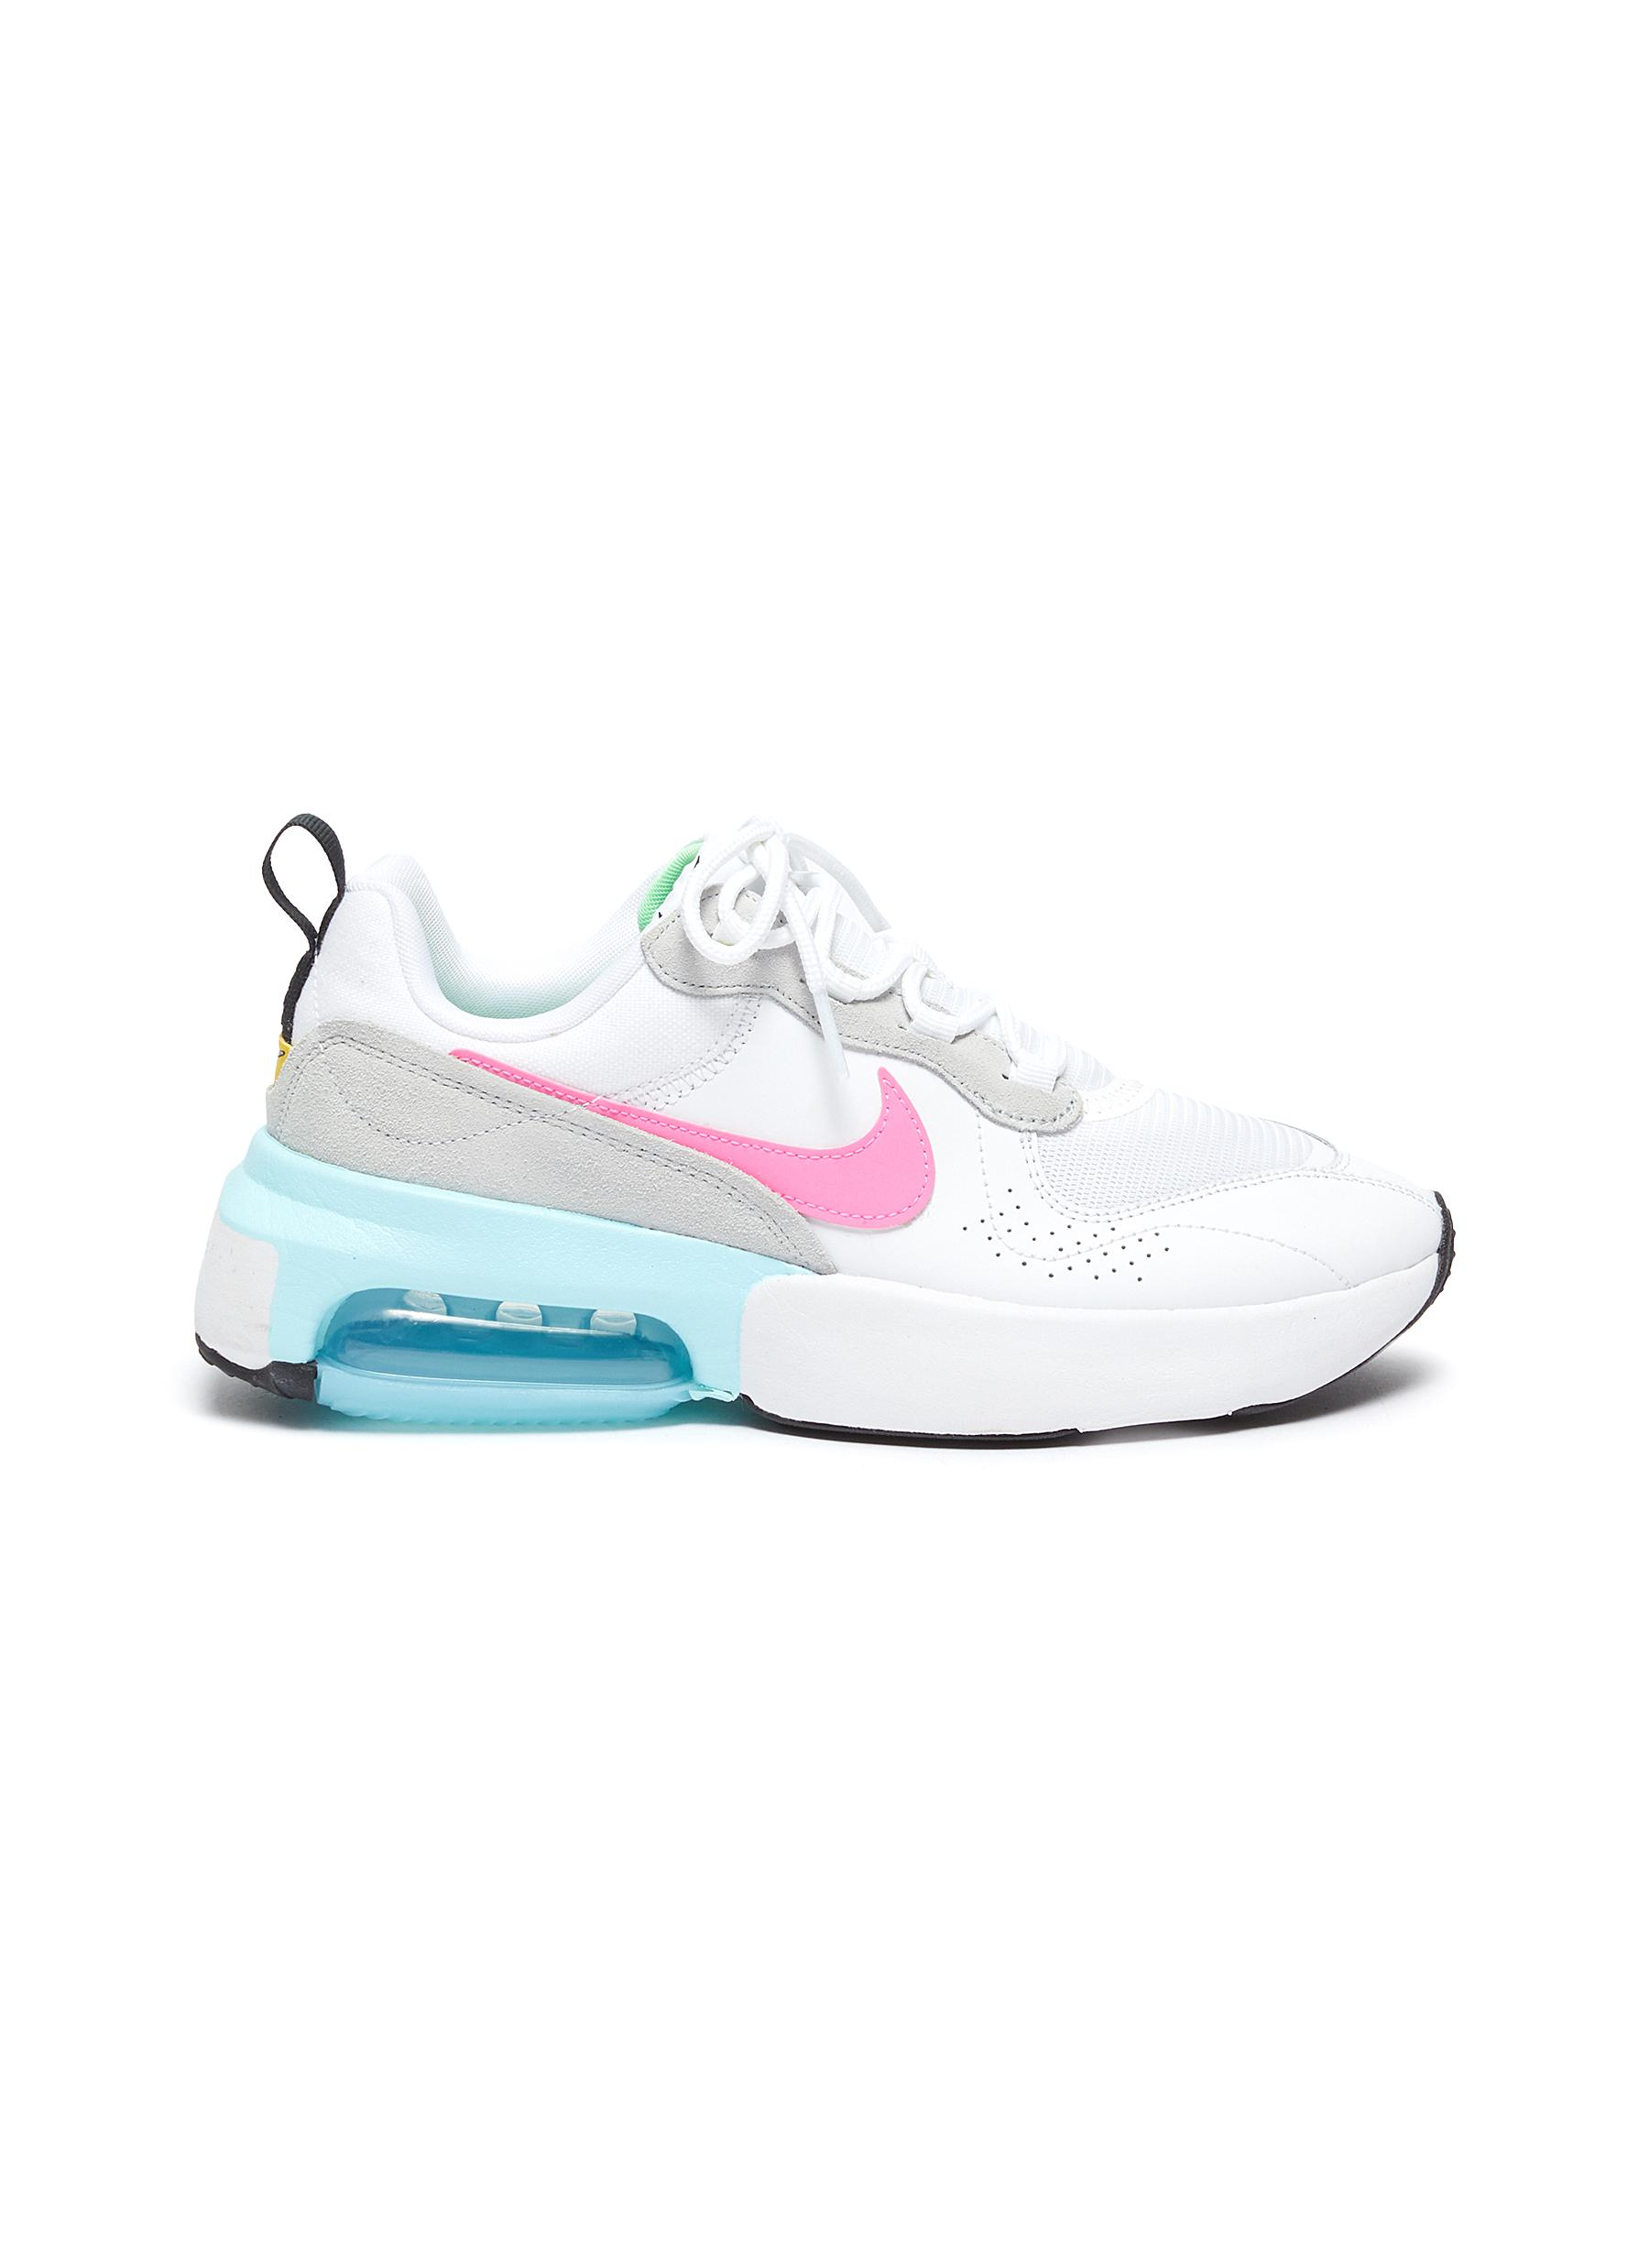 nike air sneakers white